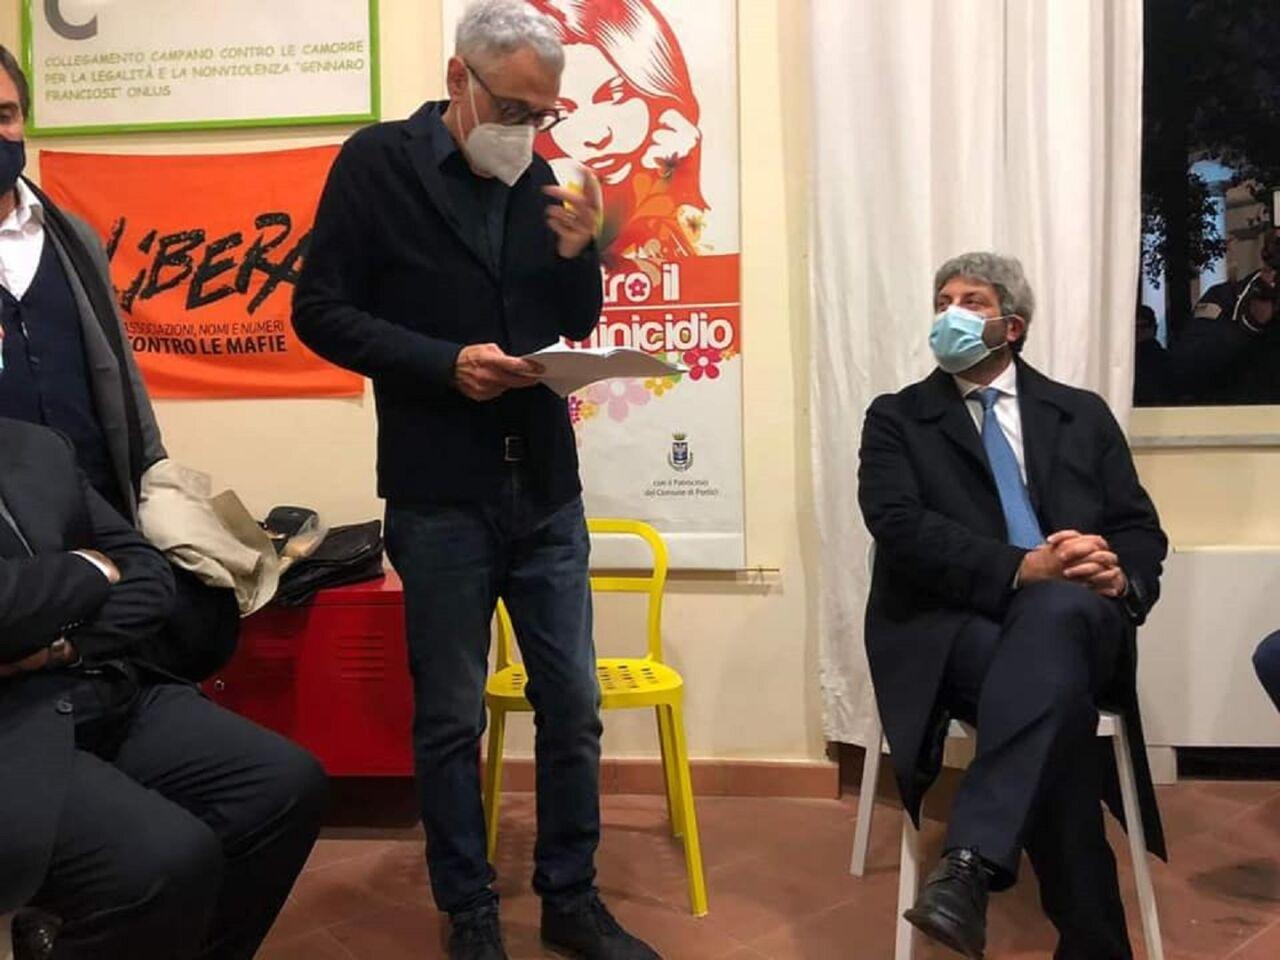 """Portici, il M5S accusa: """"Il sindaco Cuomo grande assente alla manifestazione anticamorra a villa Fernandes"""""""